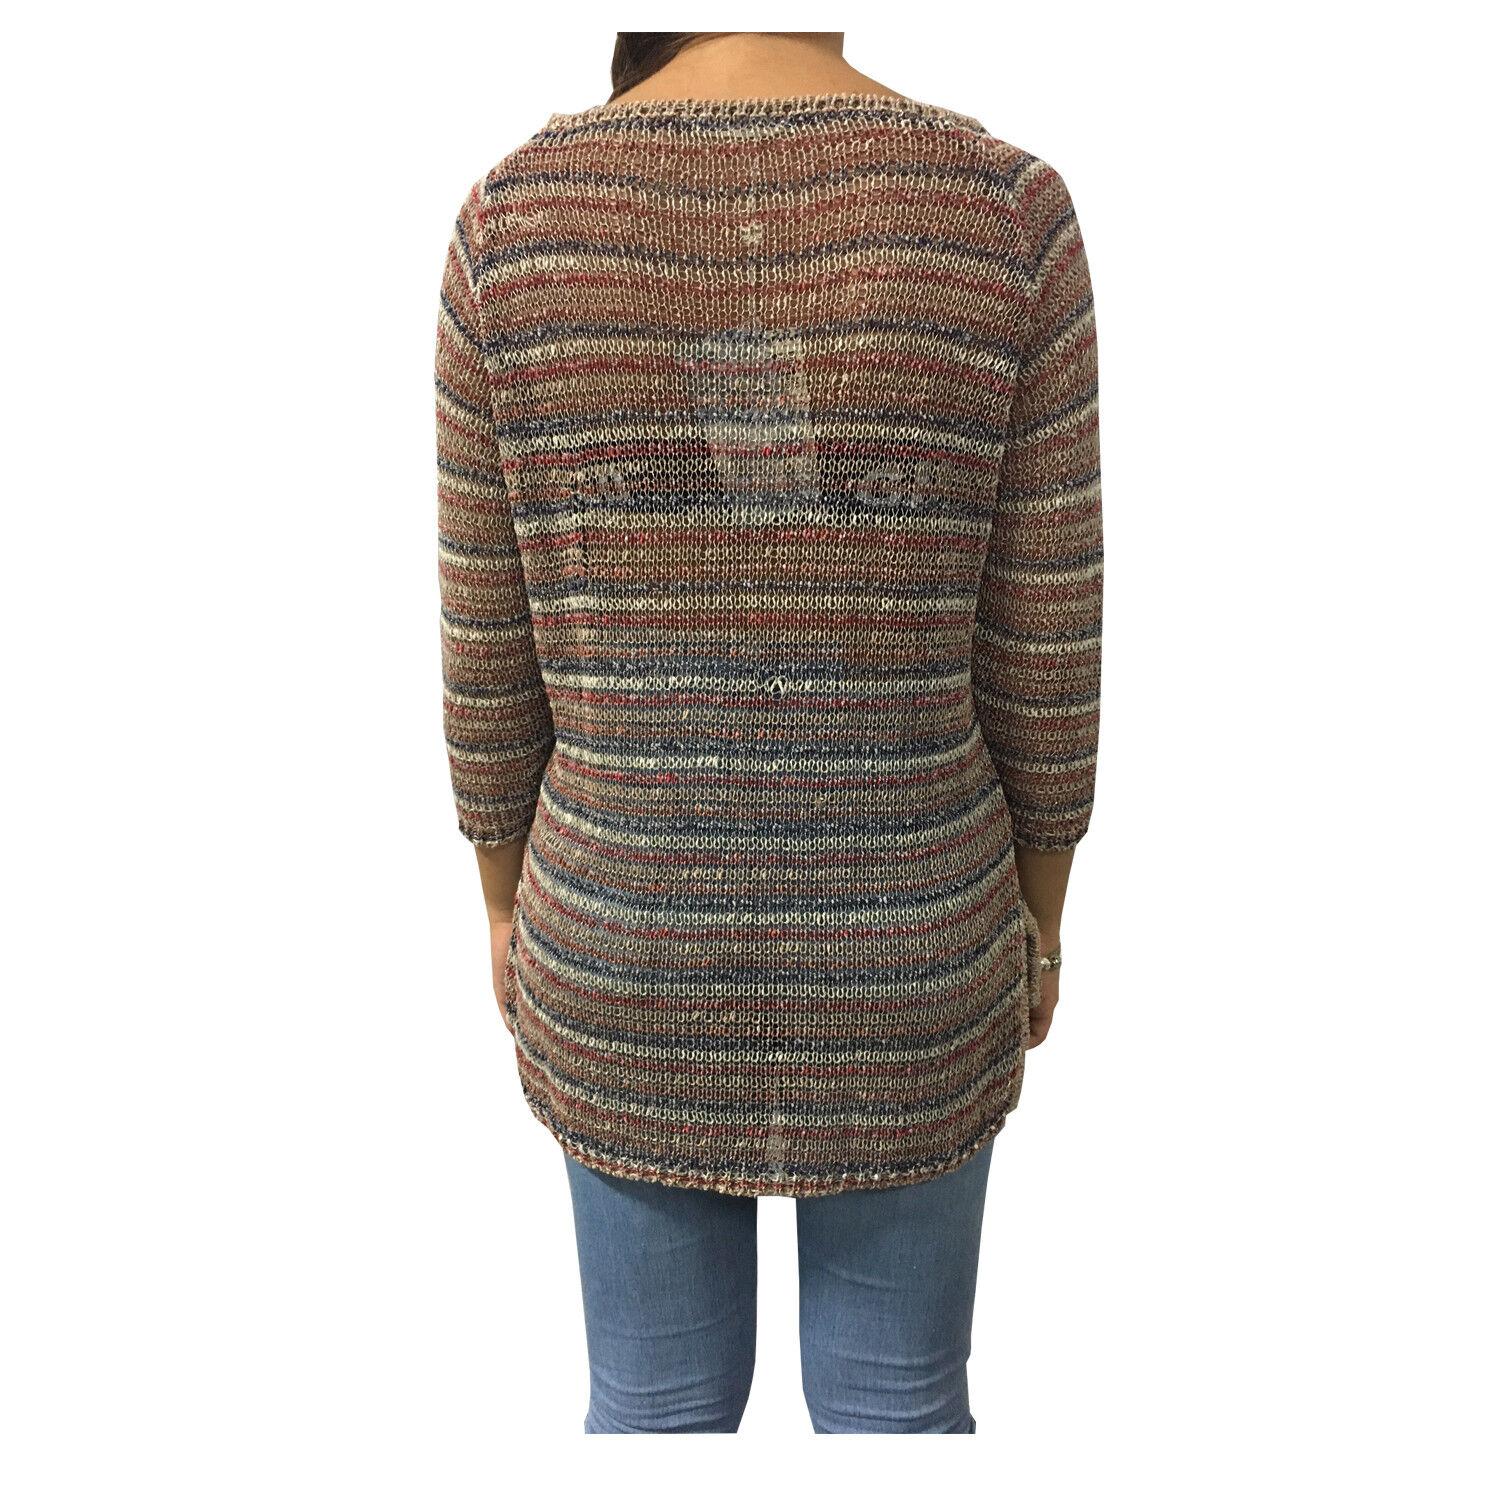 a9a7c1b03d ... GUITARE GUITARE GUITARE maglia donna multicolore mod IRACHE 56% cotone  34% poliestere 8%